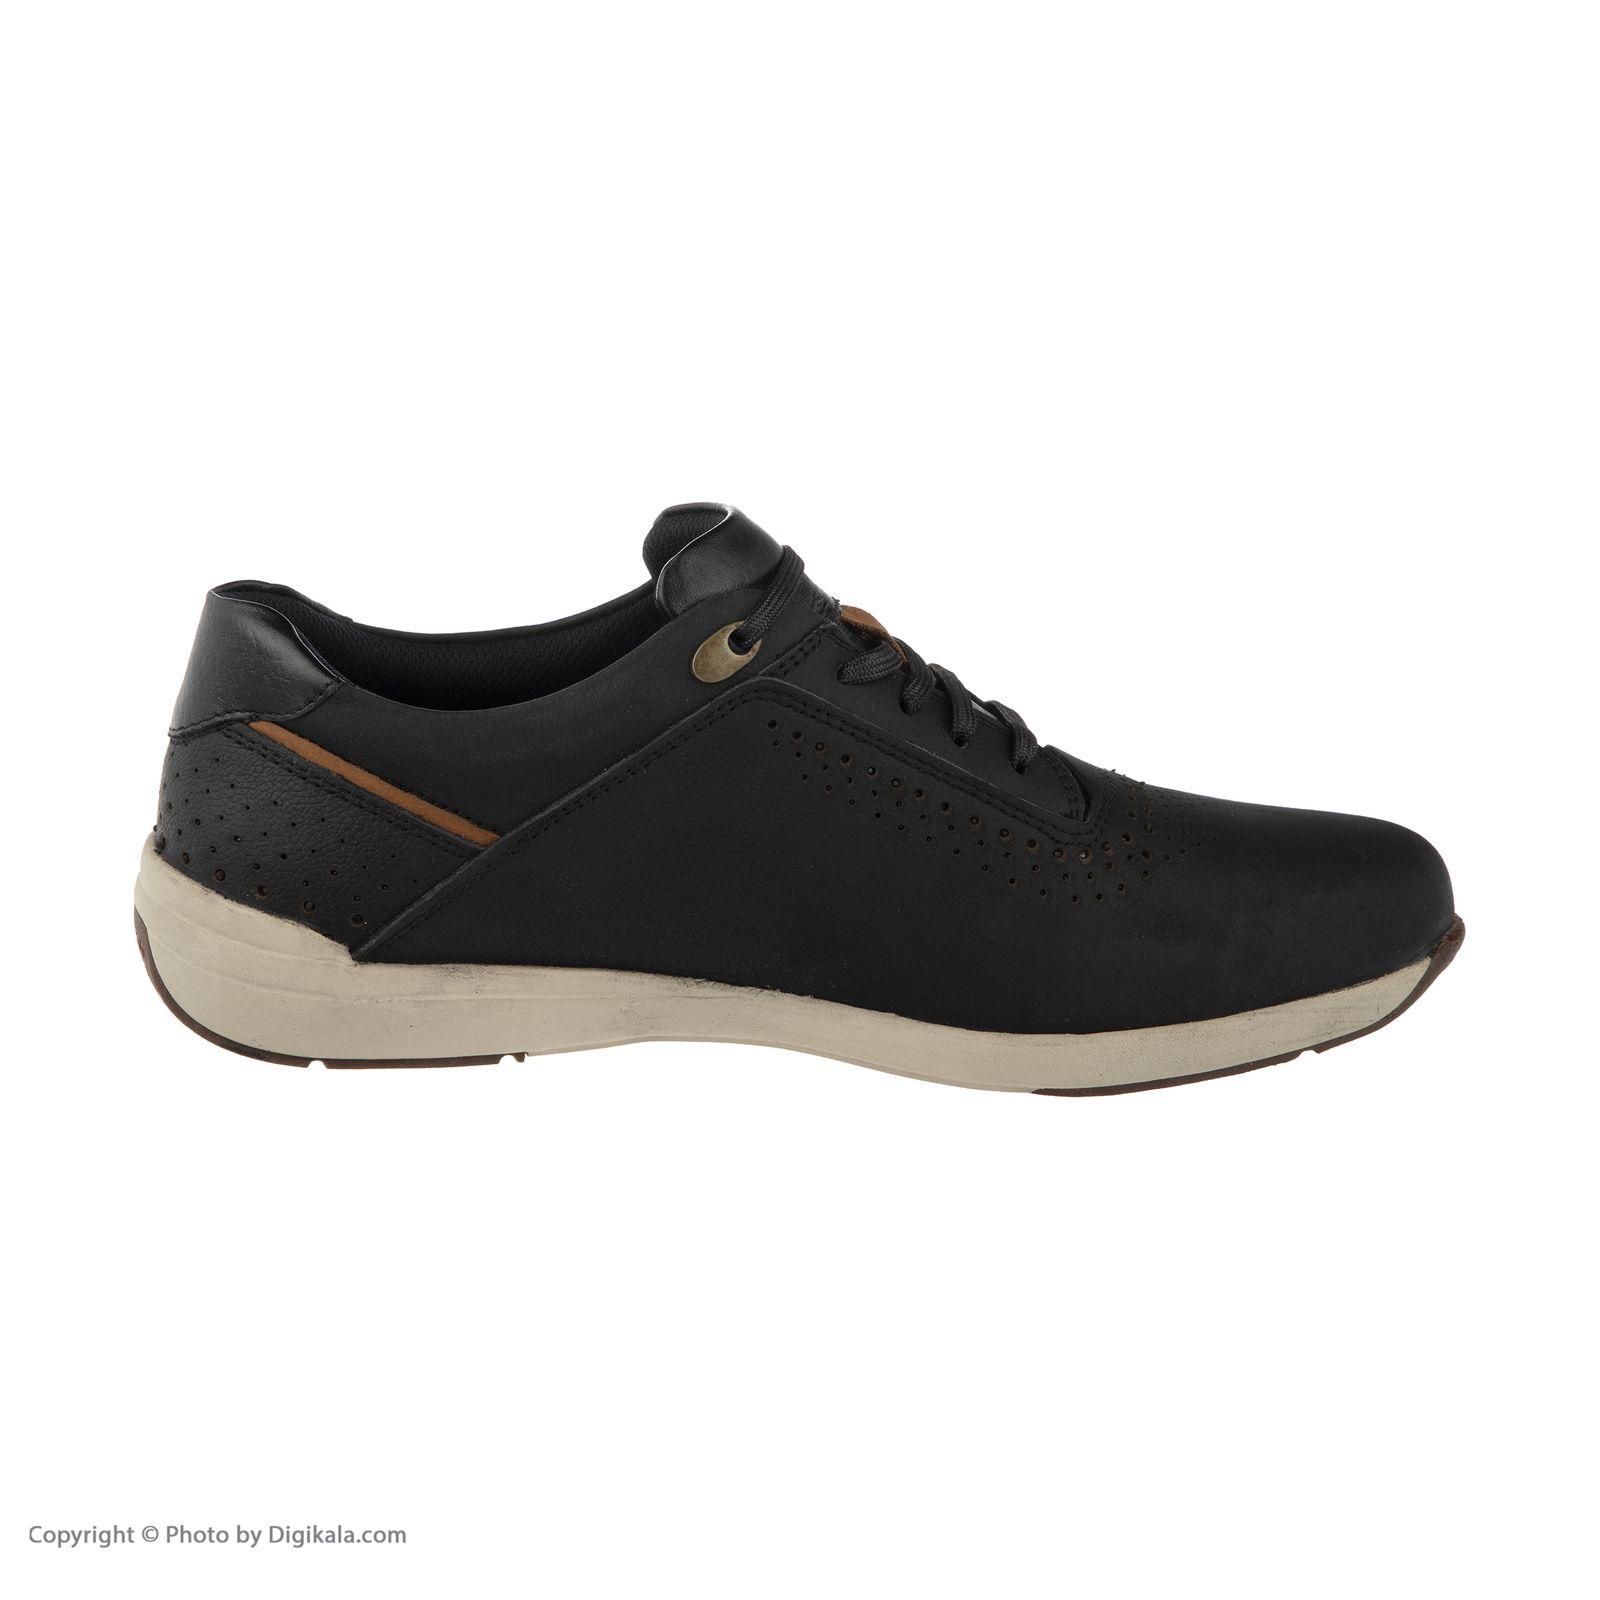 کفش روزمره مردانه سوته مدل 5037A503101 -  - 6